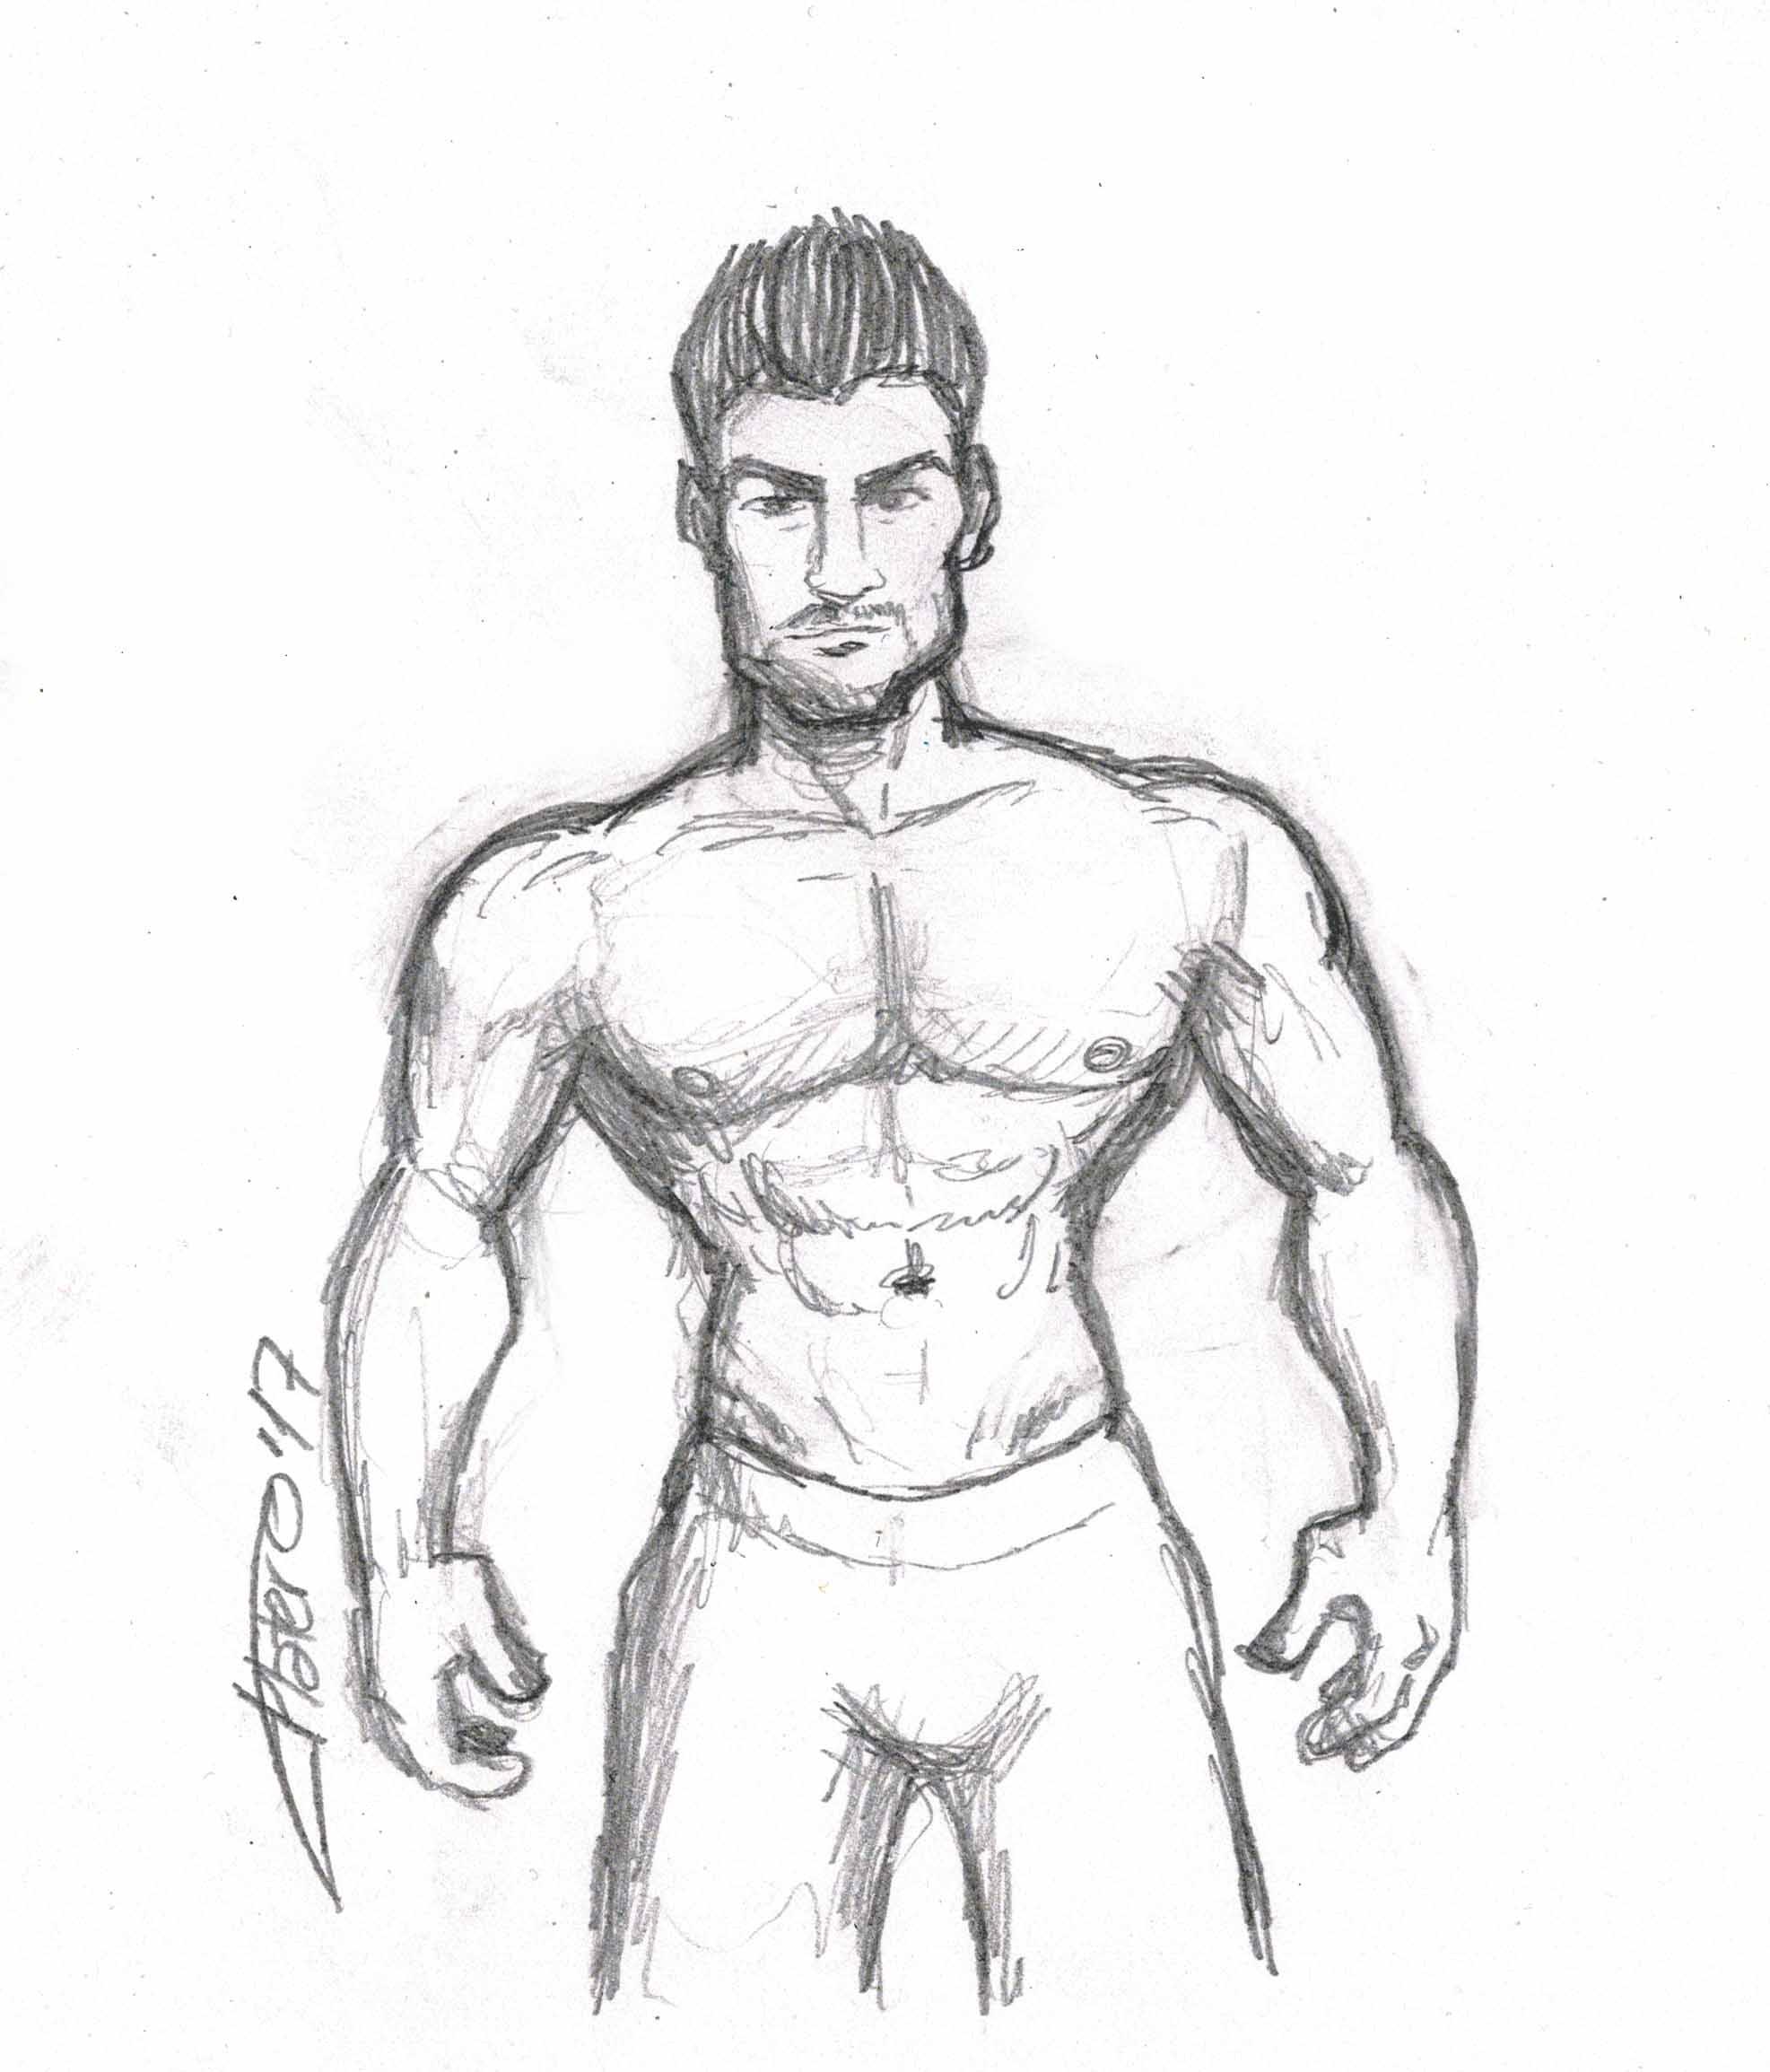 chico_hombre_musculoso_jose_luis_platero_dibujo_lapiz_sketch